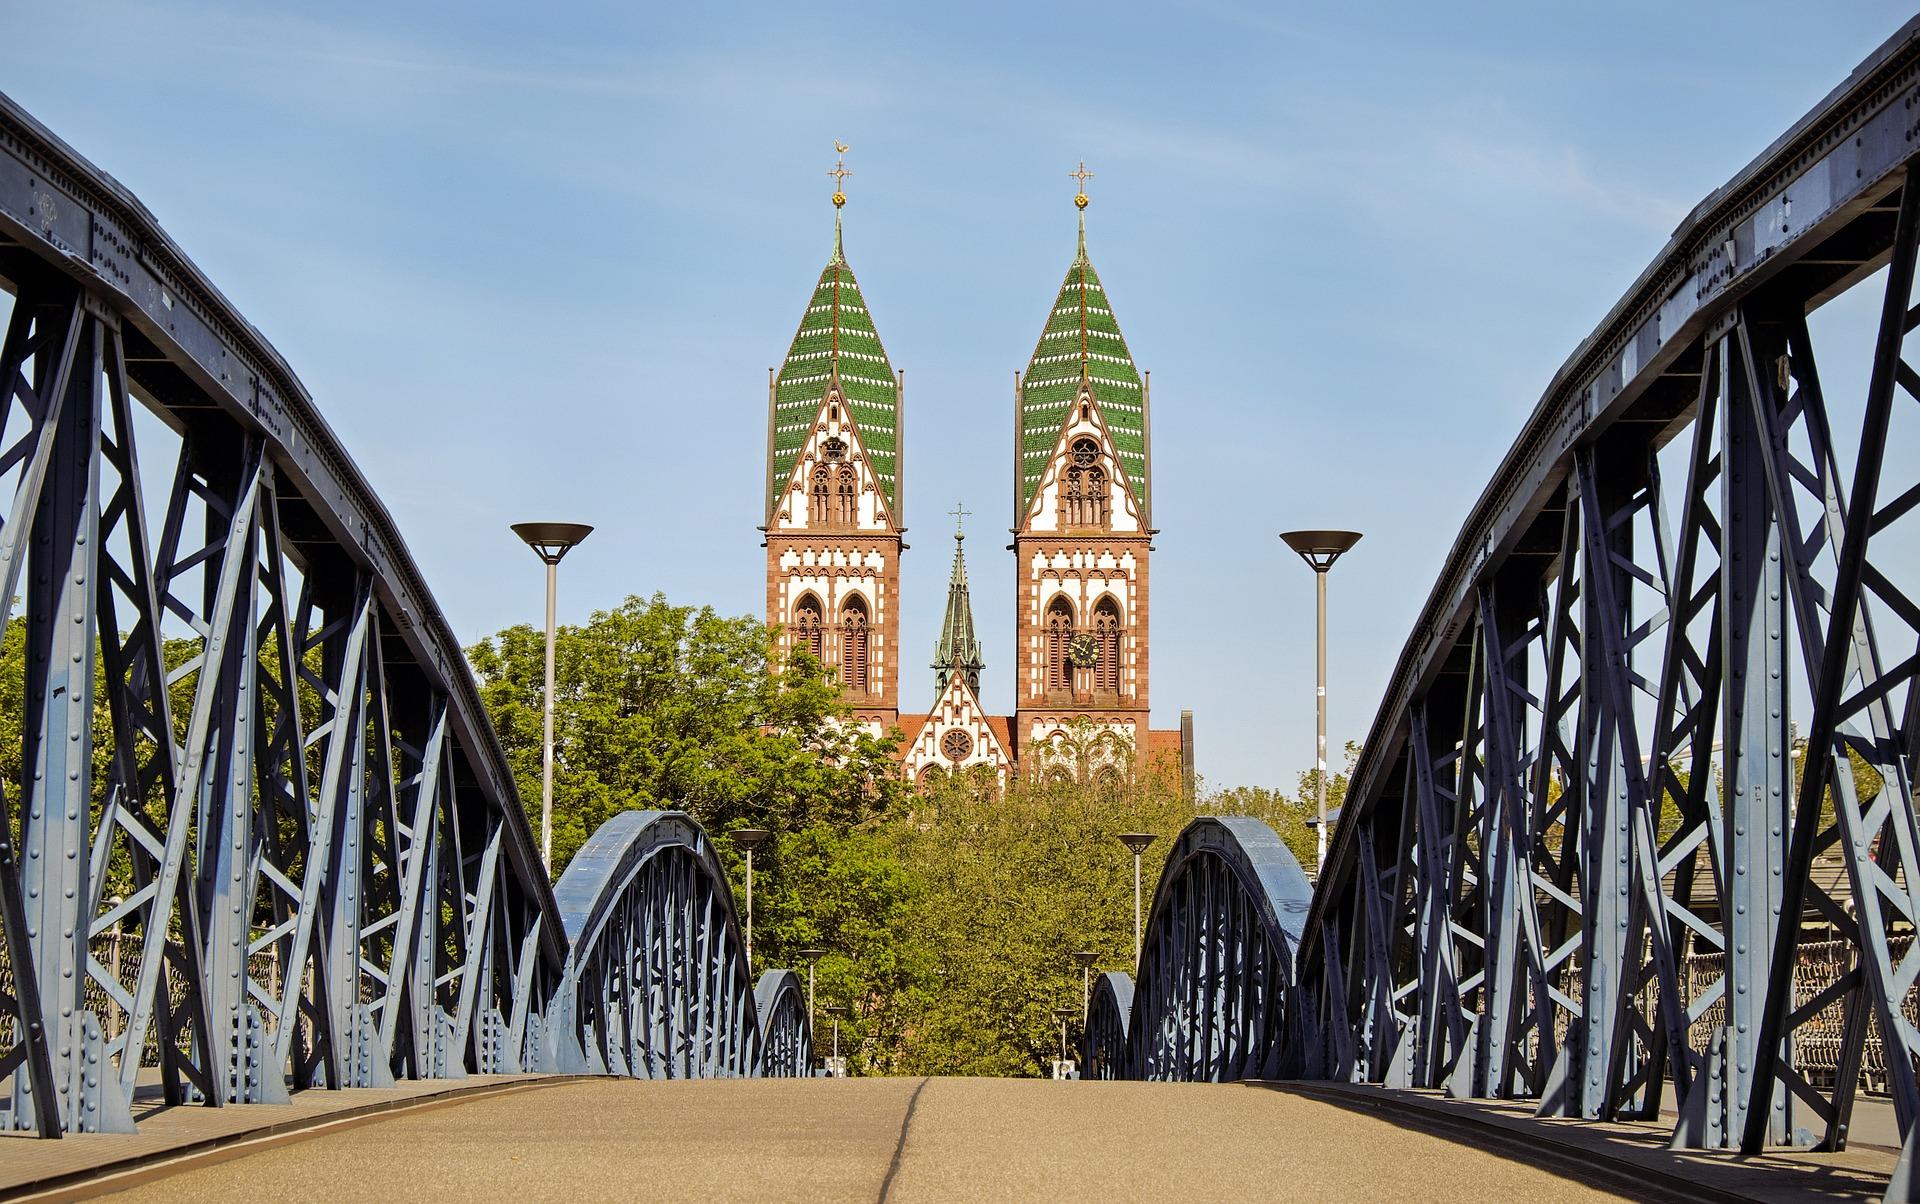 Kriminelle Zustände im Stühlinger Kirchplatz